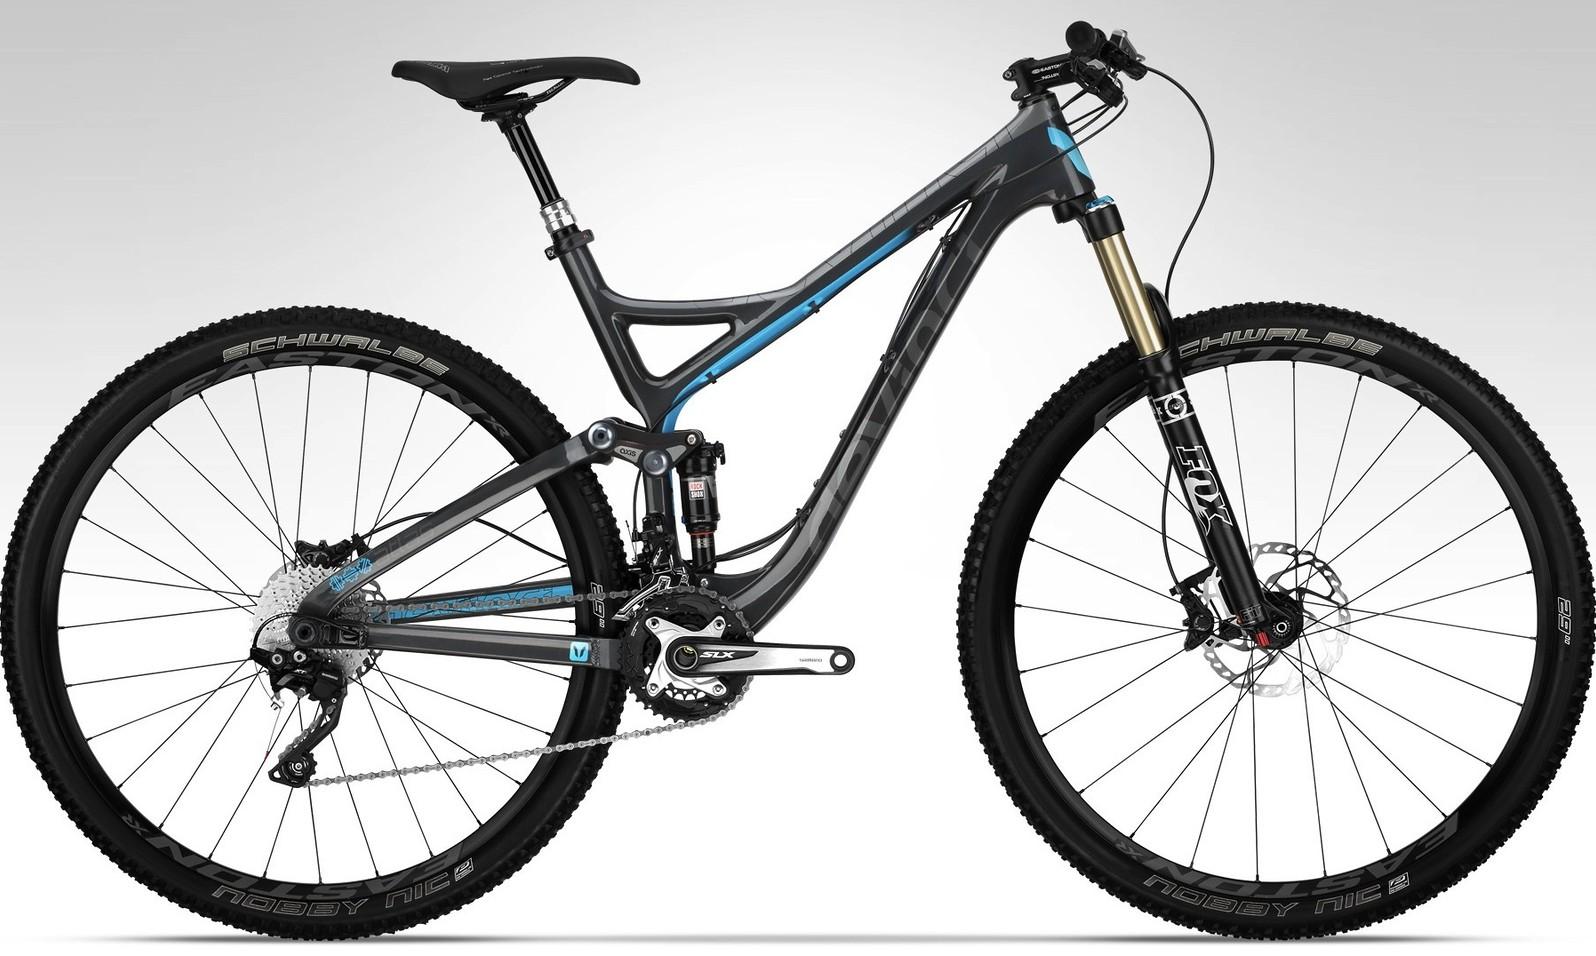 Devinci ATLAS CARBON RX bike